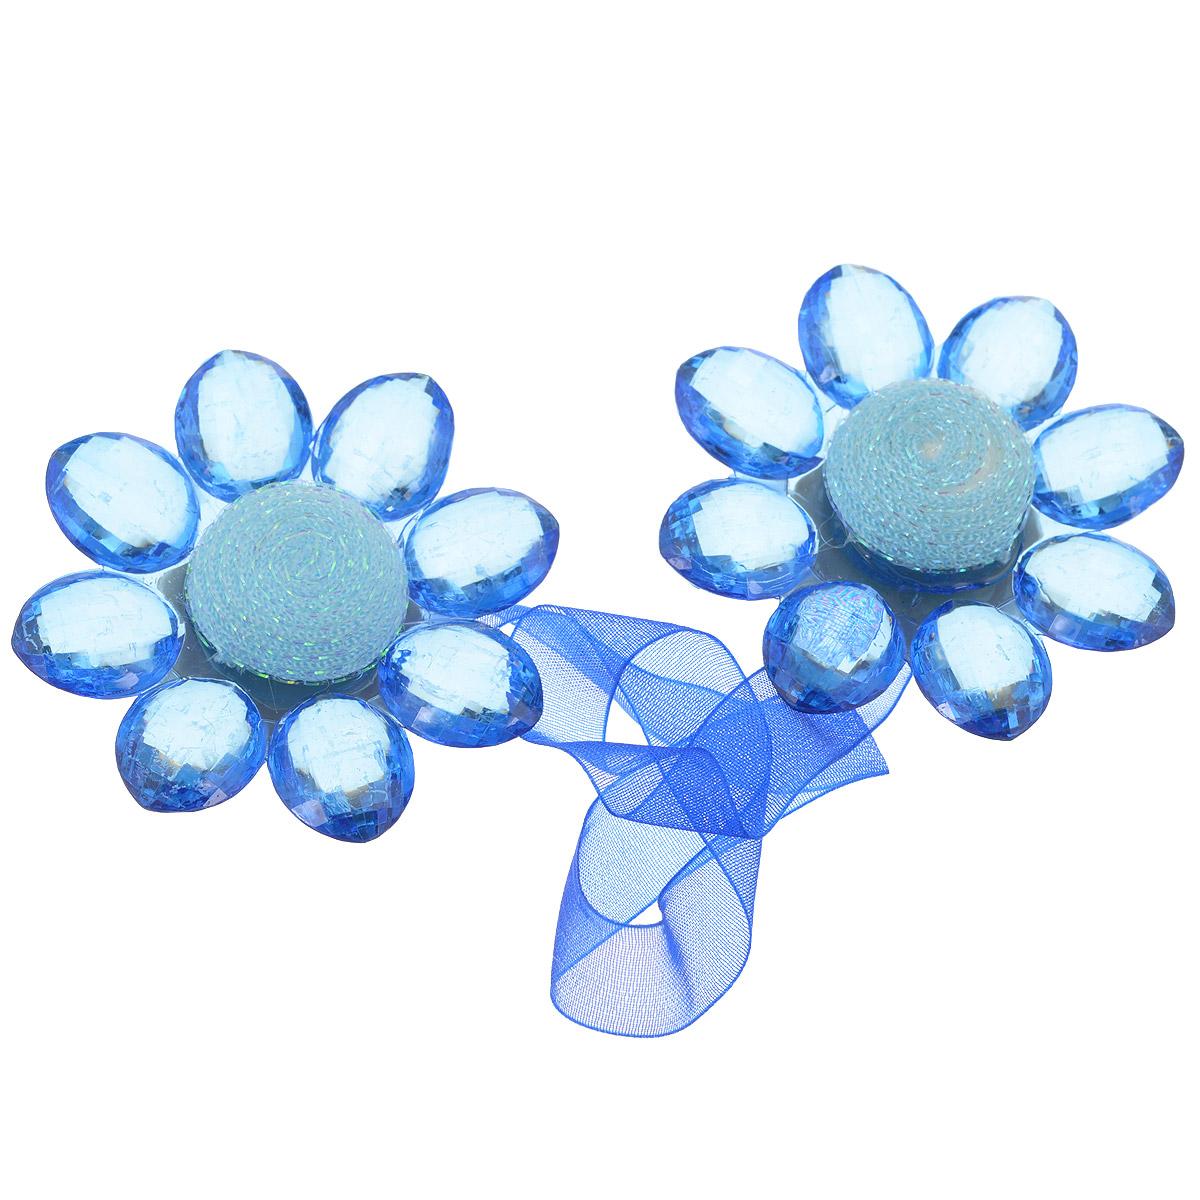 Клипса-магнит для штор Calamita Fiore, цвет: синий. 7704016_792GC020/00Клипса-магнит Calamita Fiore, изготовленная из пластика и текстиля, предназначена для придания формы шторам. Изделие представляет собой два магнита, расположенные на разных концах текстильной ленты. Магниты оформлены декоративными цветками. С помощью такой магнитной клипсы можно зафиксировать портьеры, придать им требуемое положение, сделать складки симметричными или приблизить портьеры, скрепить их. Клипсы для штор являются универсальным изделием, которое превосходно подойдет как для штор в детской комнате, так и для штор в гостиной. Следует отметить, что клипсы для штор выполняют не только практическую функцию, но также являются одной из основных деталей декора этого изделия, которая придает шторам восхитительный, стильный внешний вид. Материал: пластик, полиэстер, магнит.Диаметр декоративного цветка: 5,5 см.Длина ленты: 28 см.